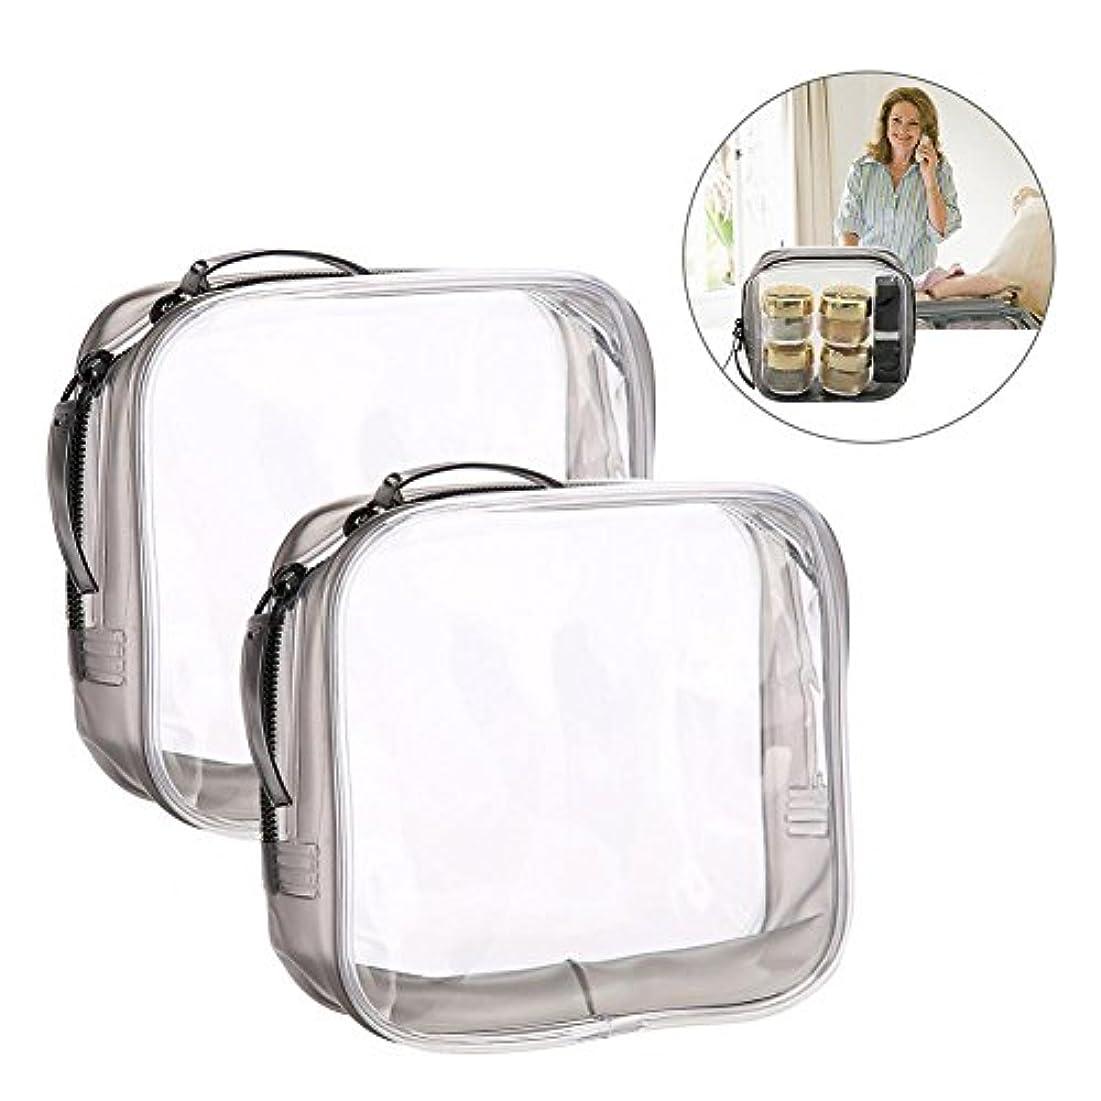 傭兵ローズ庭園メイクアップバッグ、旅行&家庭用の収納トイレタリーの透明PVC化粧品バッグ (S)